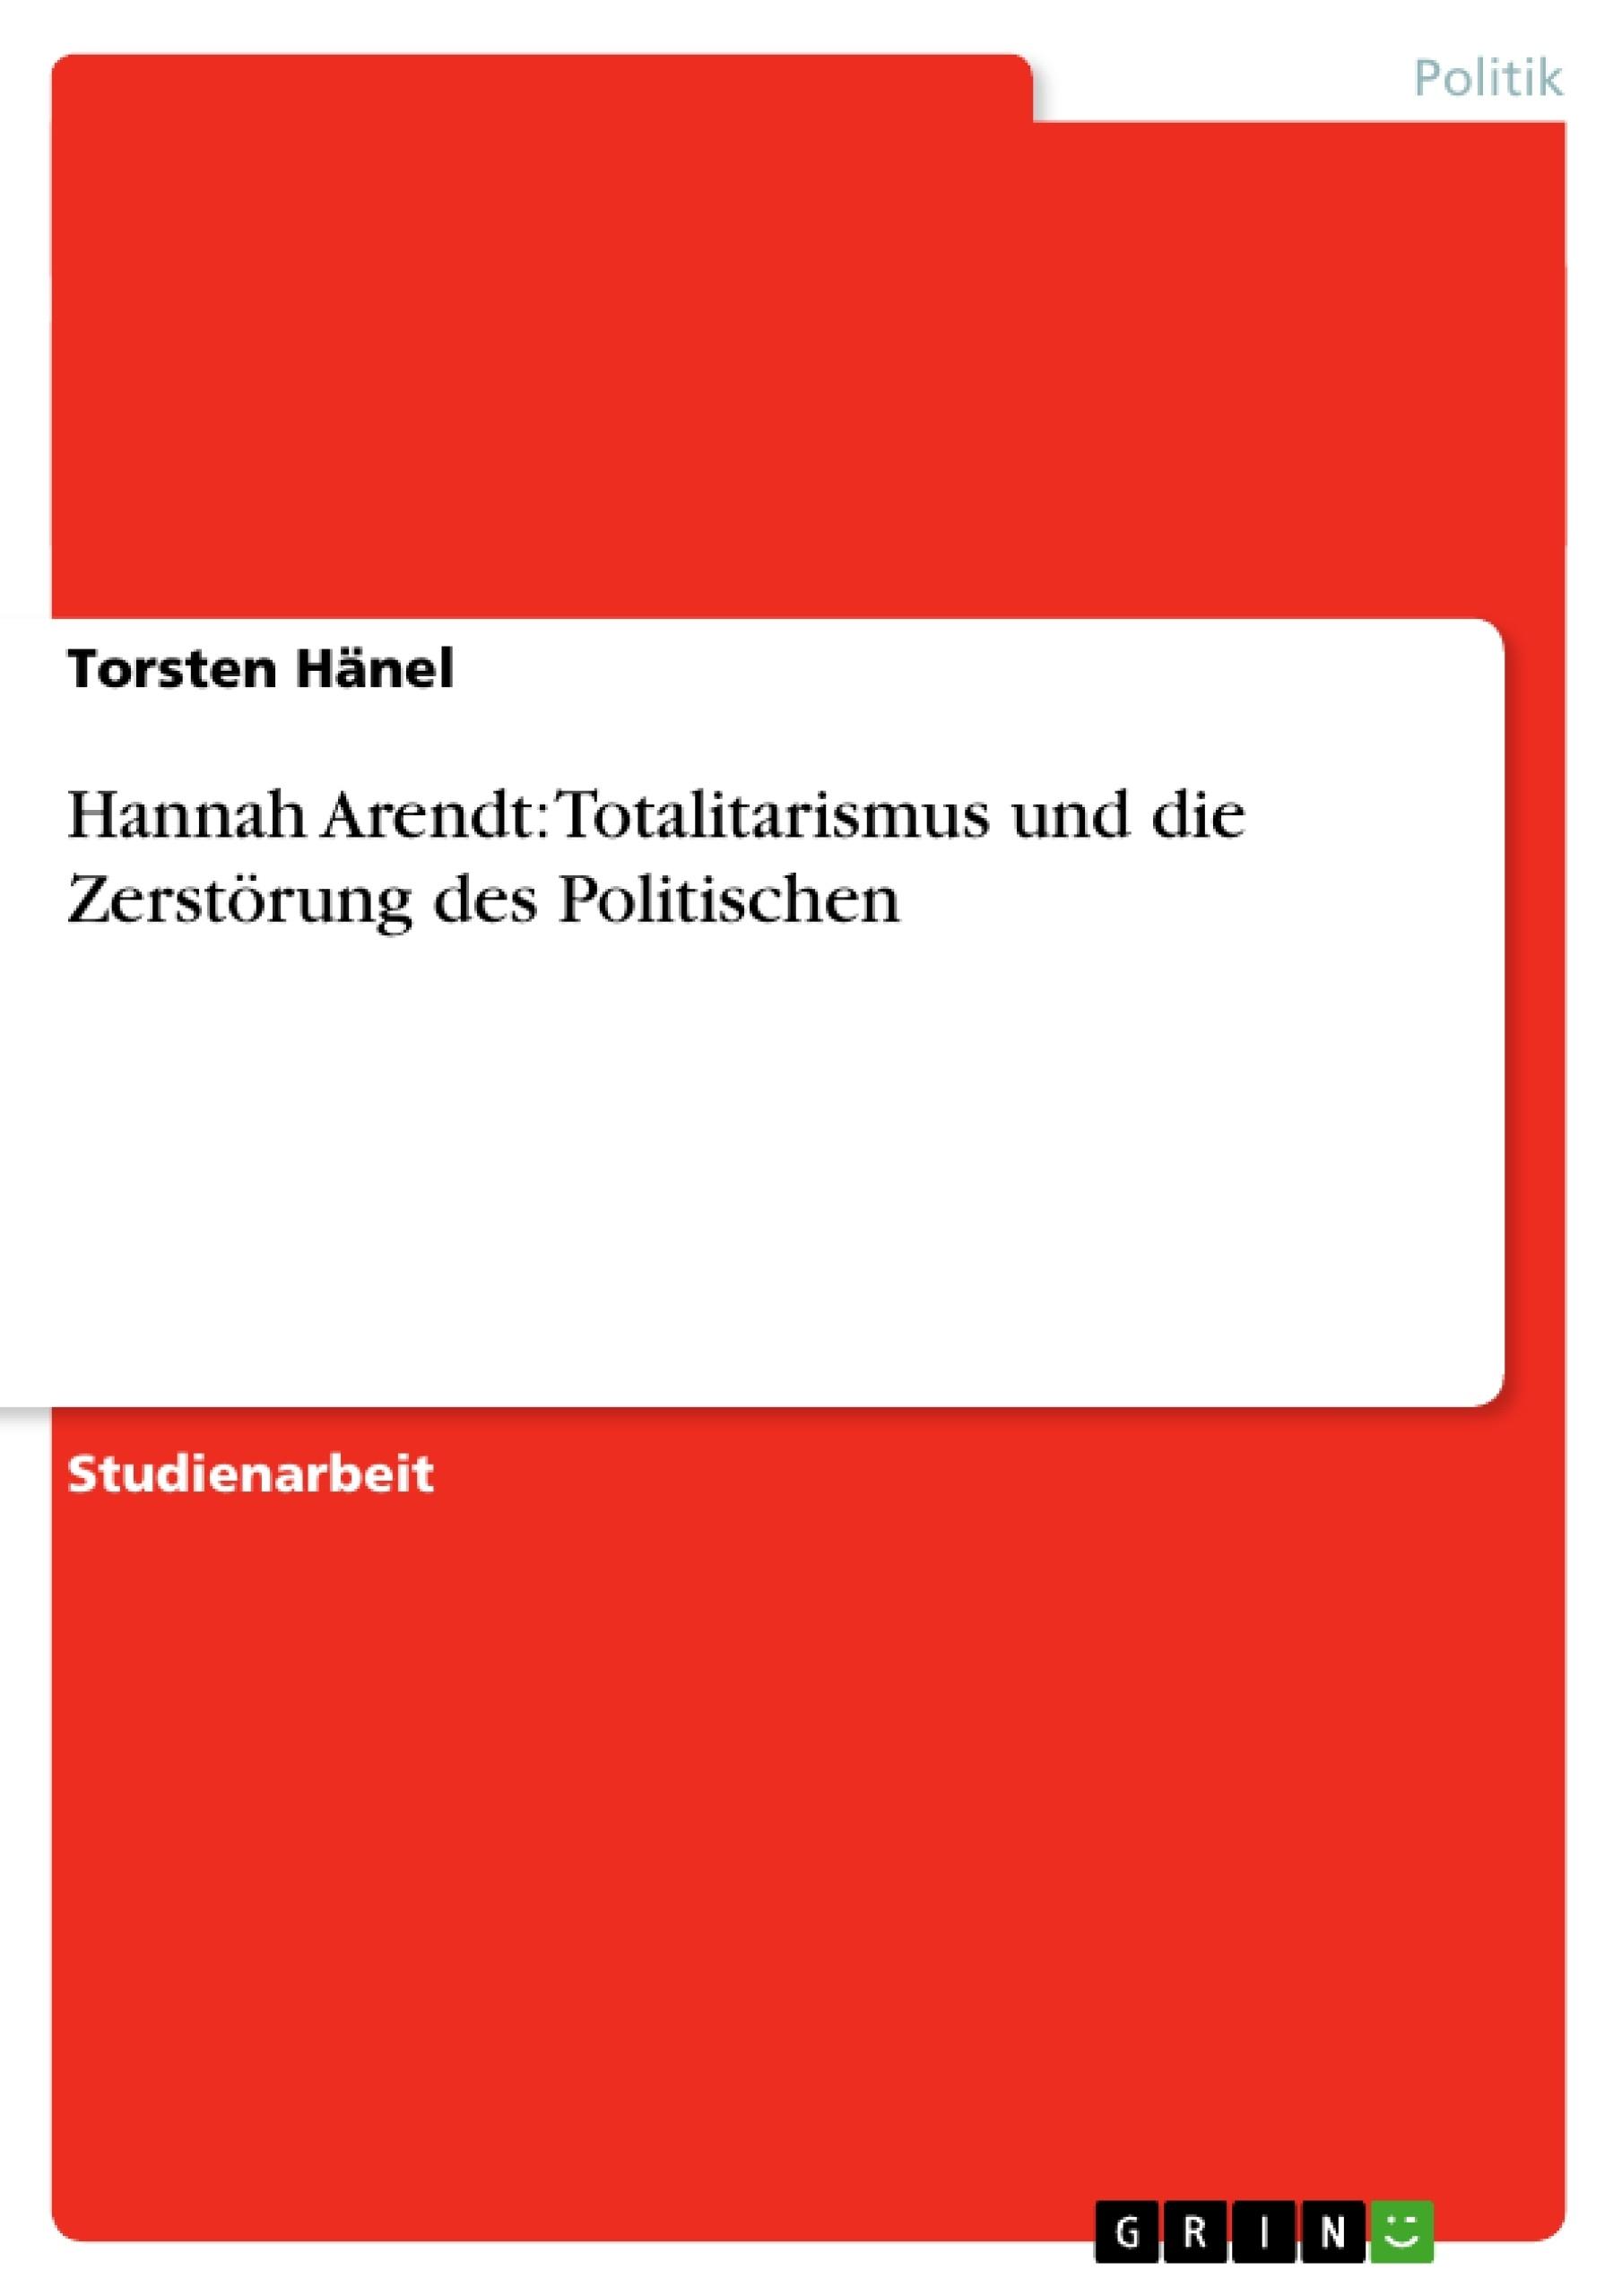 Titel: Hannah Arendt: Totalitarismus und die Zerstörung des Politischen